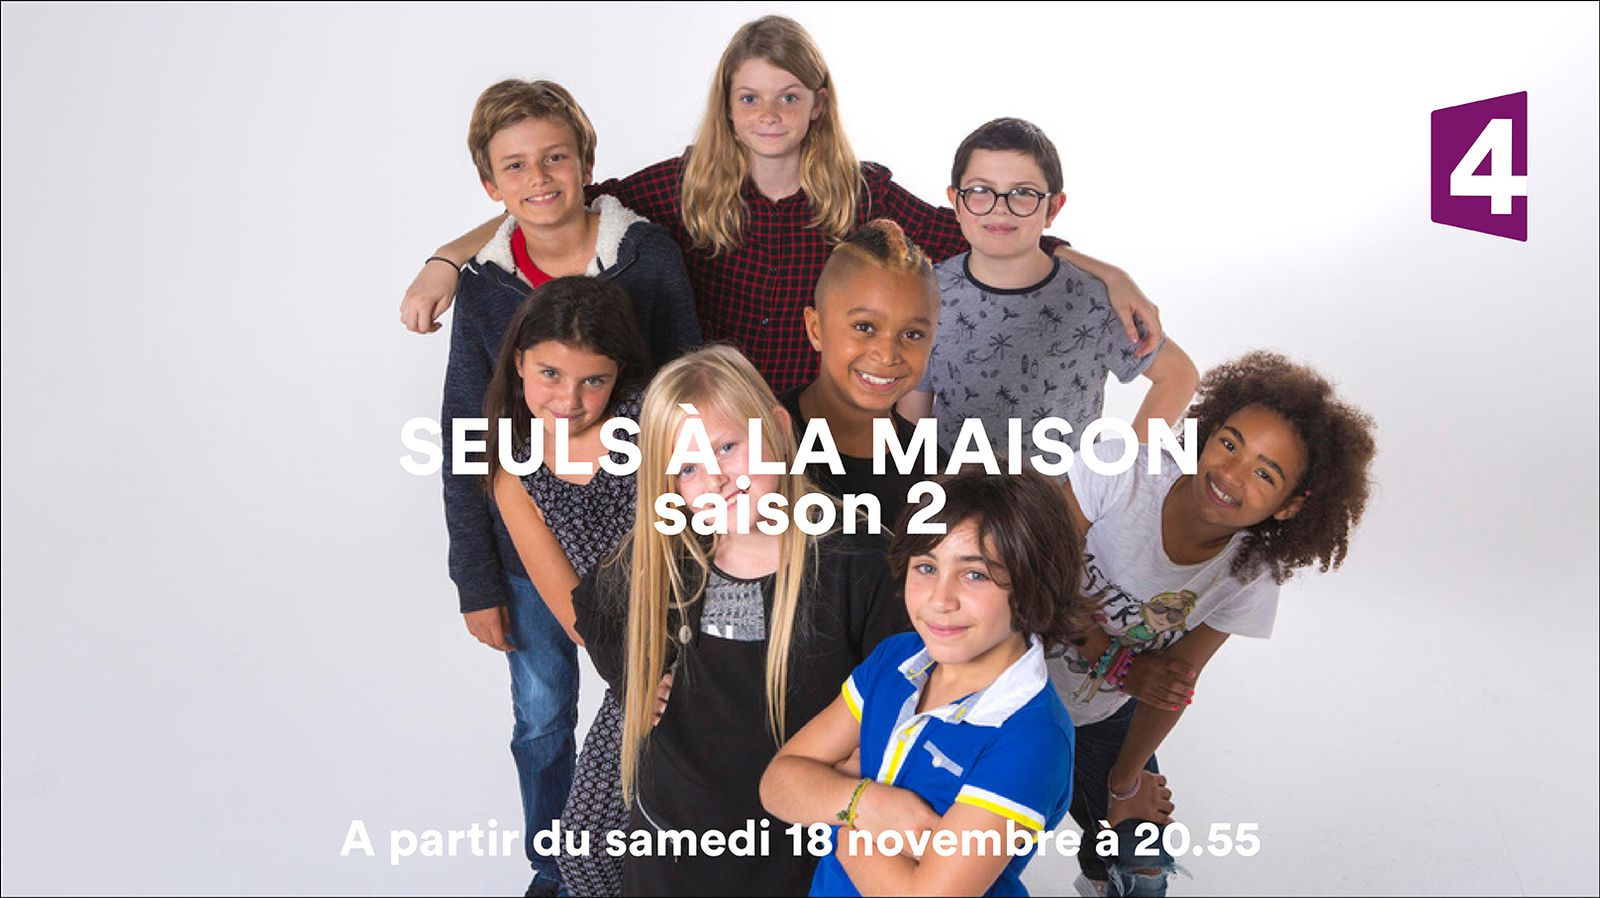 Seuls à la maison, saison 2 les 18 et 25 novembre sur France 4.